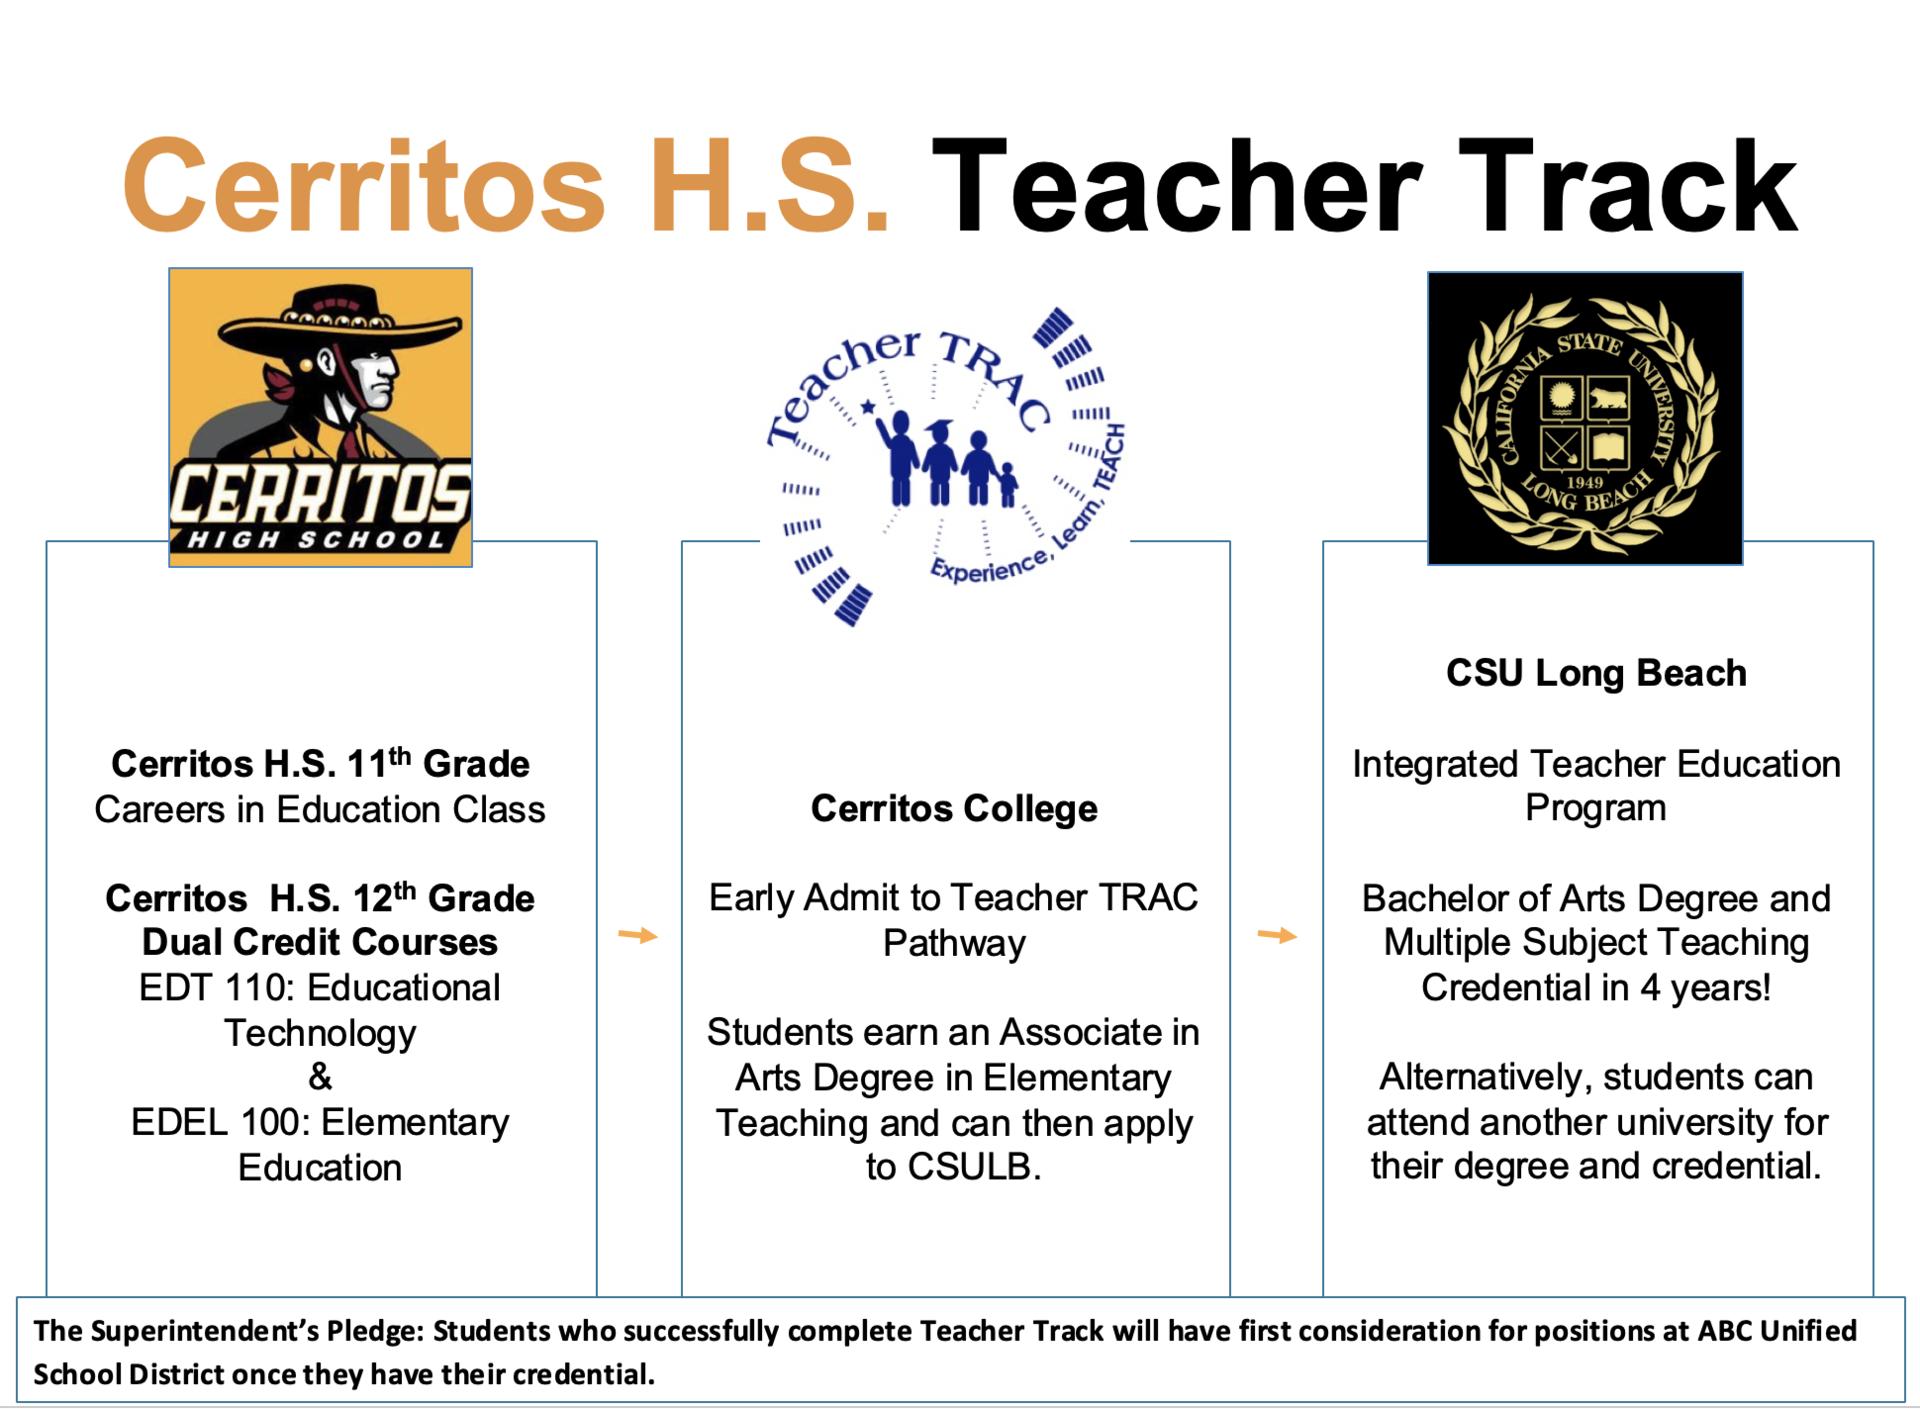 Cerritos HS Teacher Track Graphic